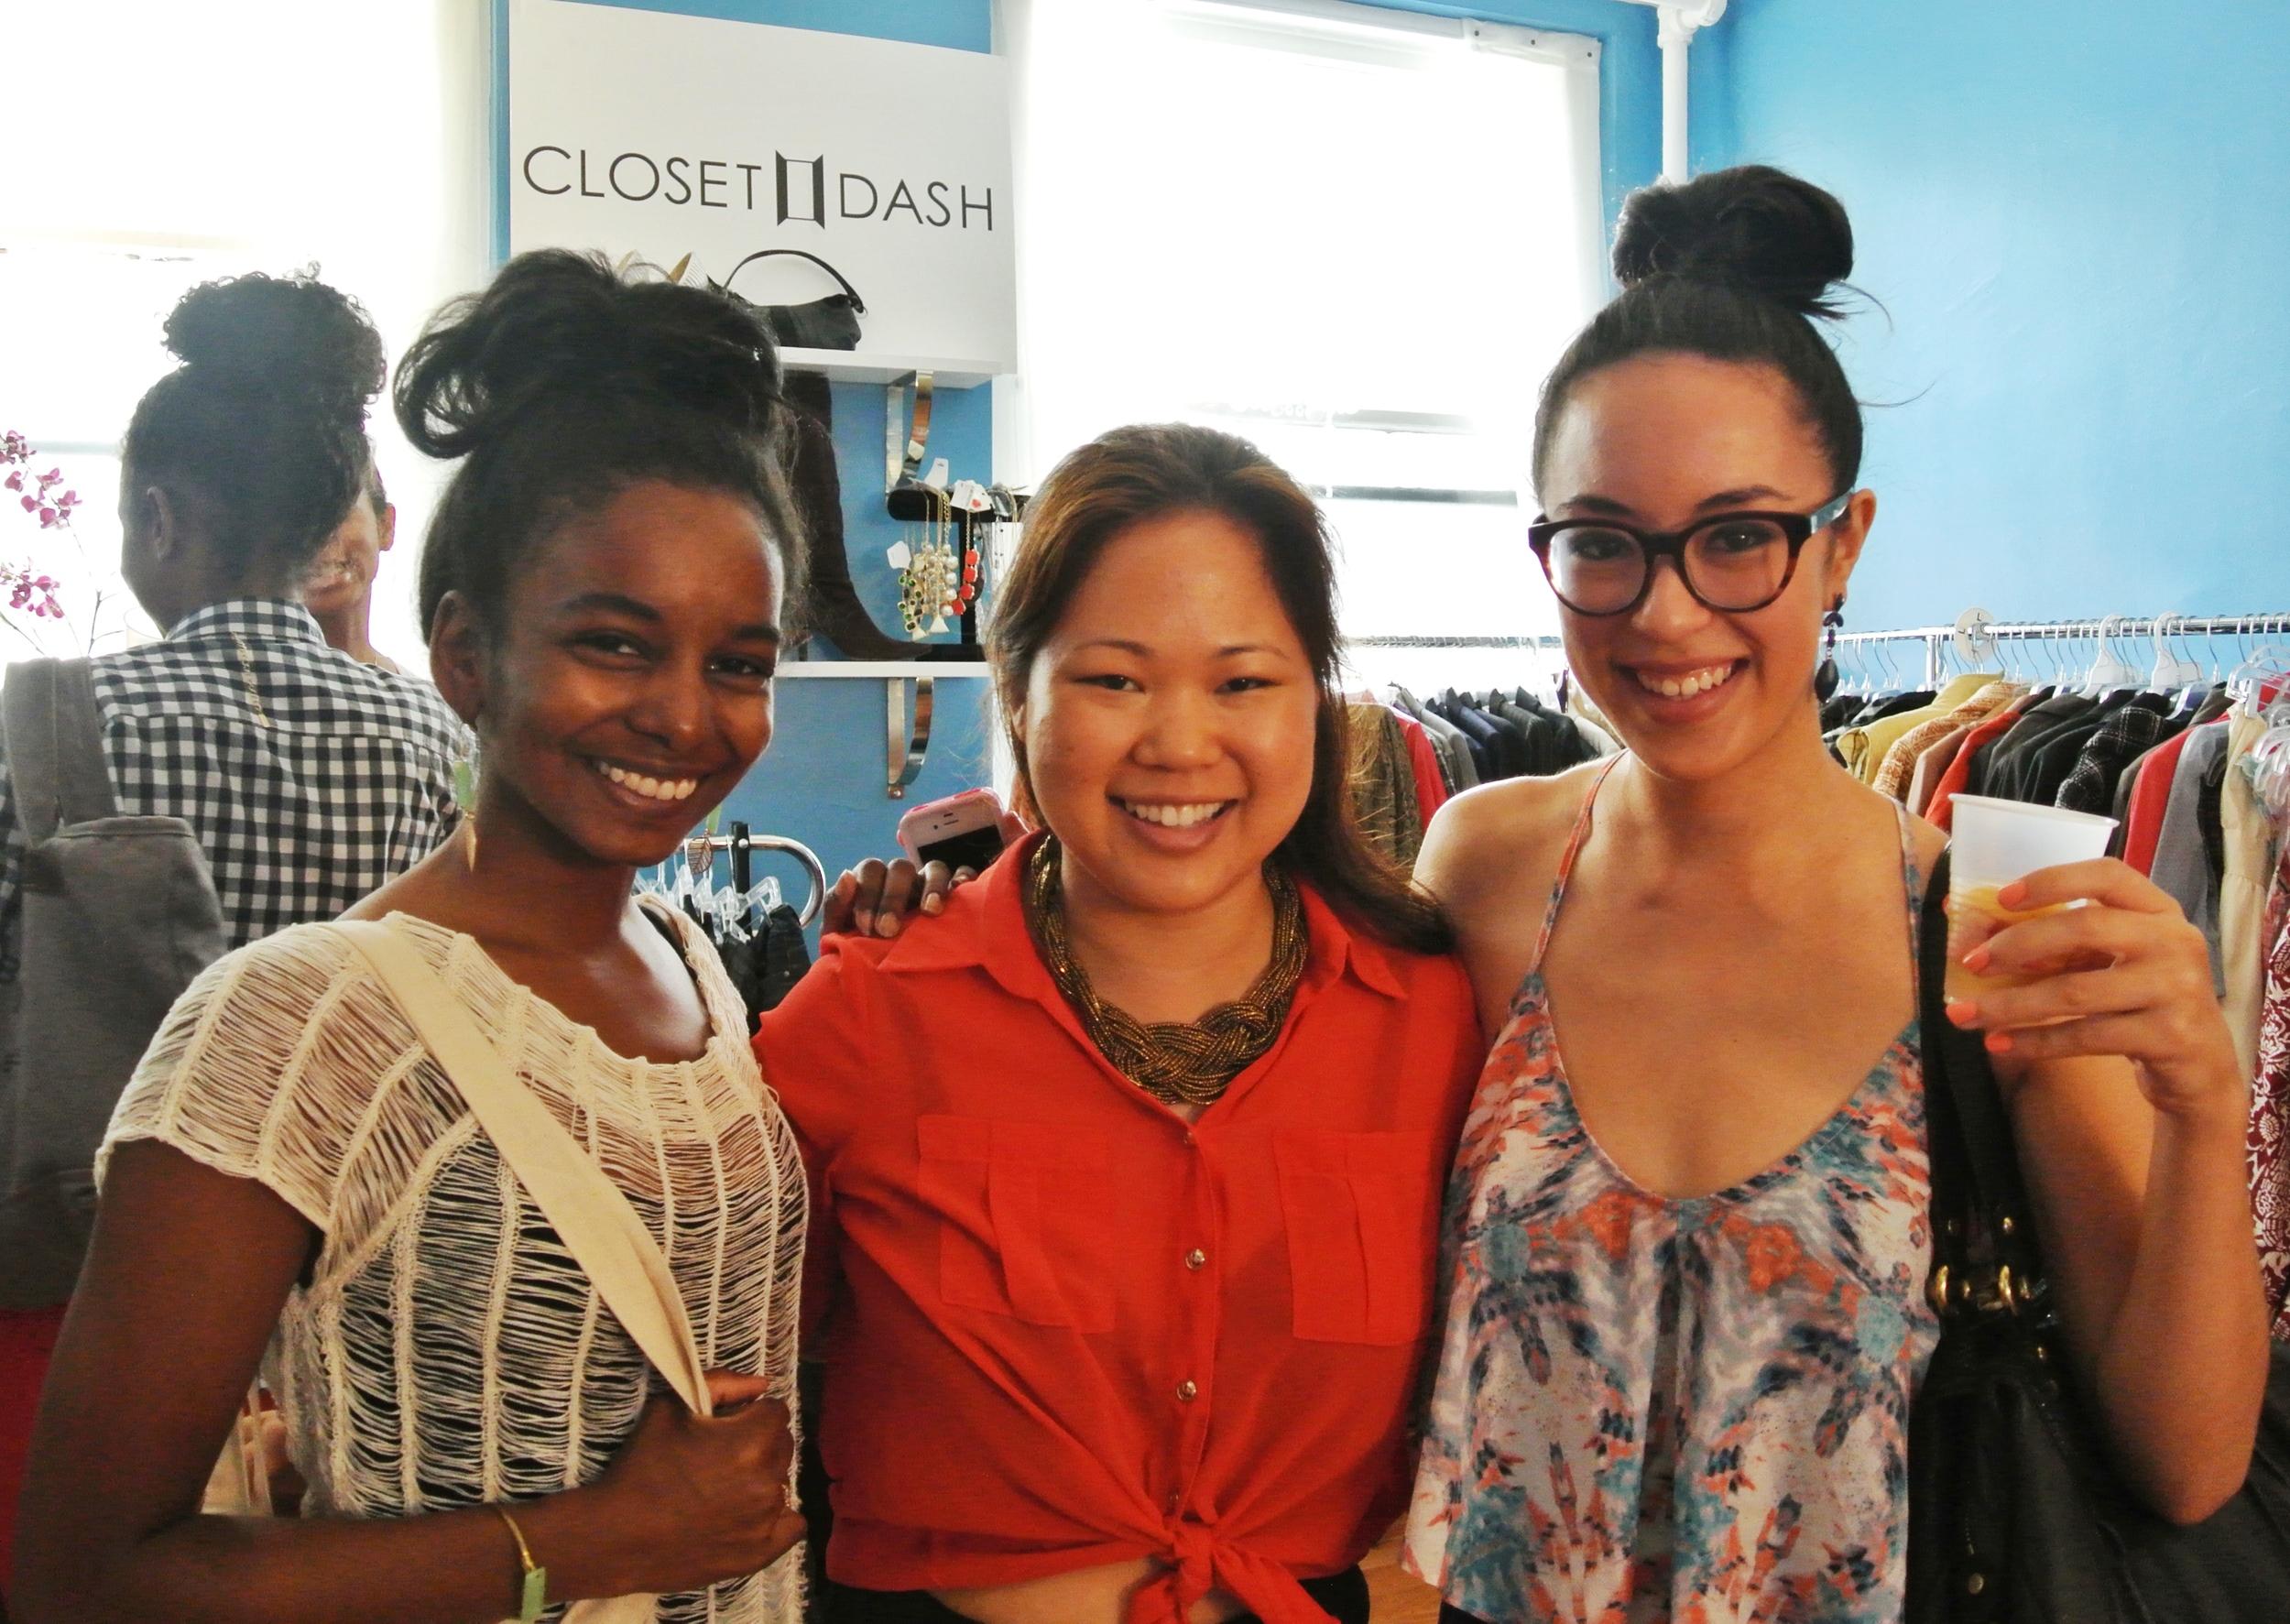 Sunita V and I with ClosetDash founder Jennifer Lee